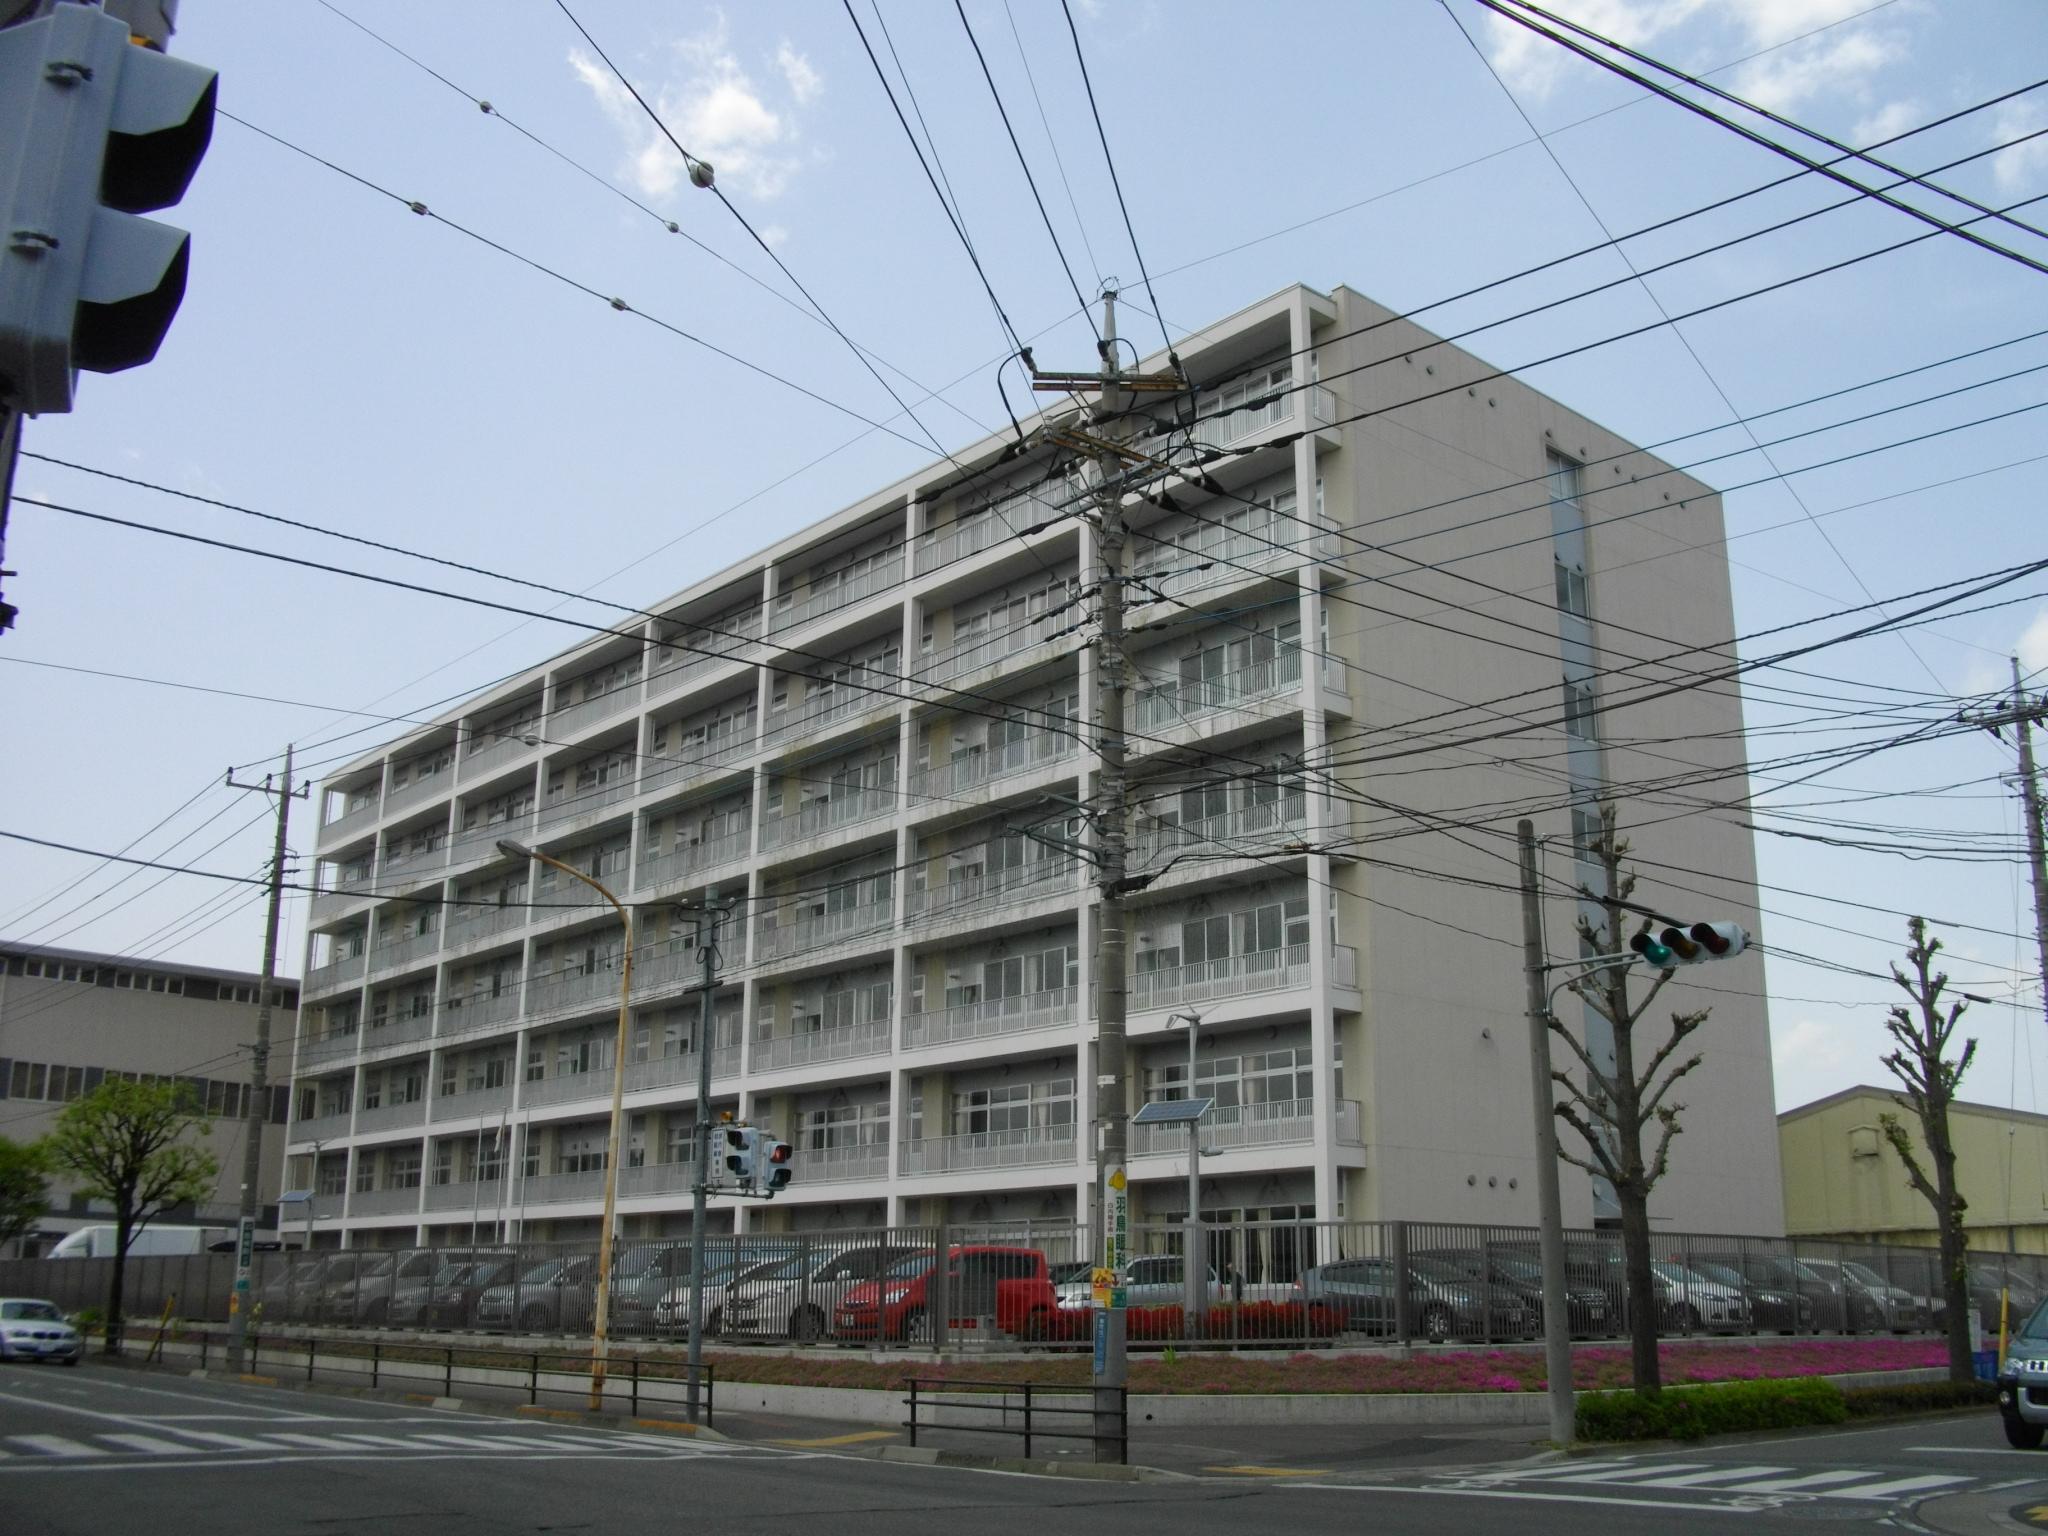 群馬県立前橋商業高等学校 - Wikipedia